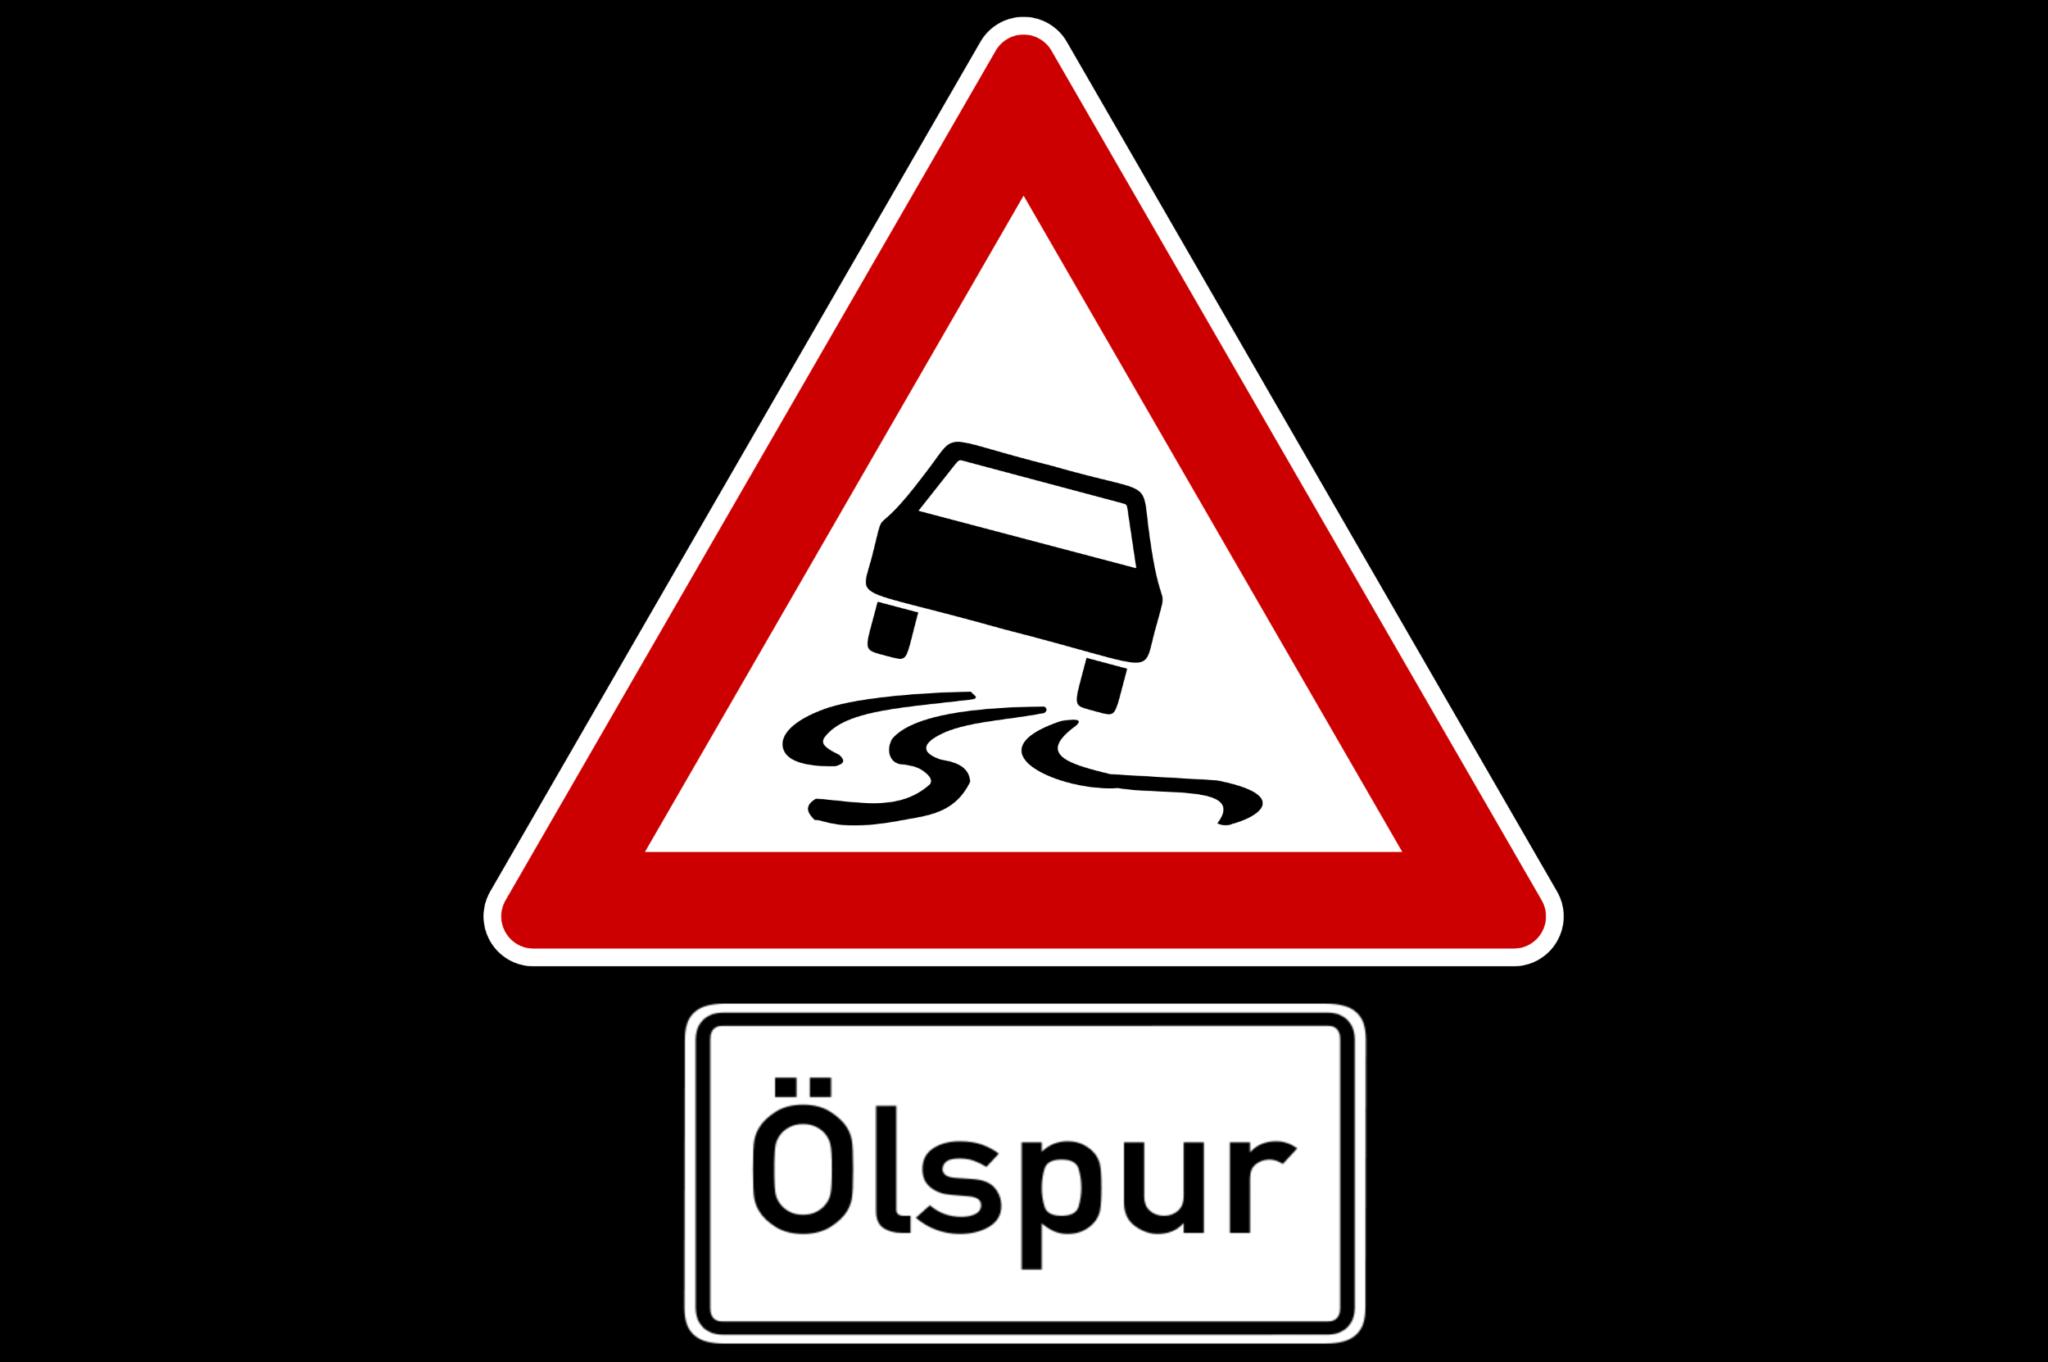 einsatz-oelspur-traffic-sign-6611-wide